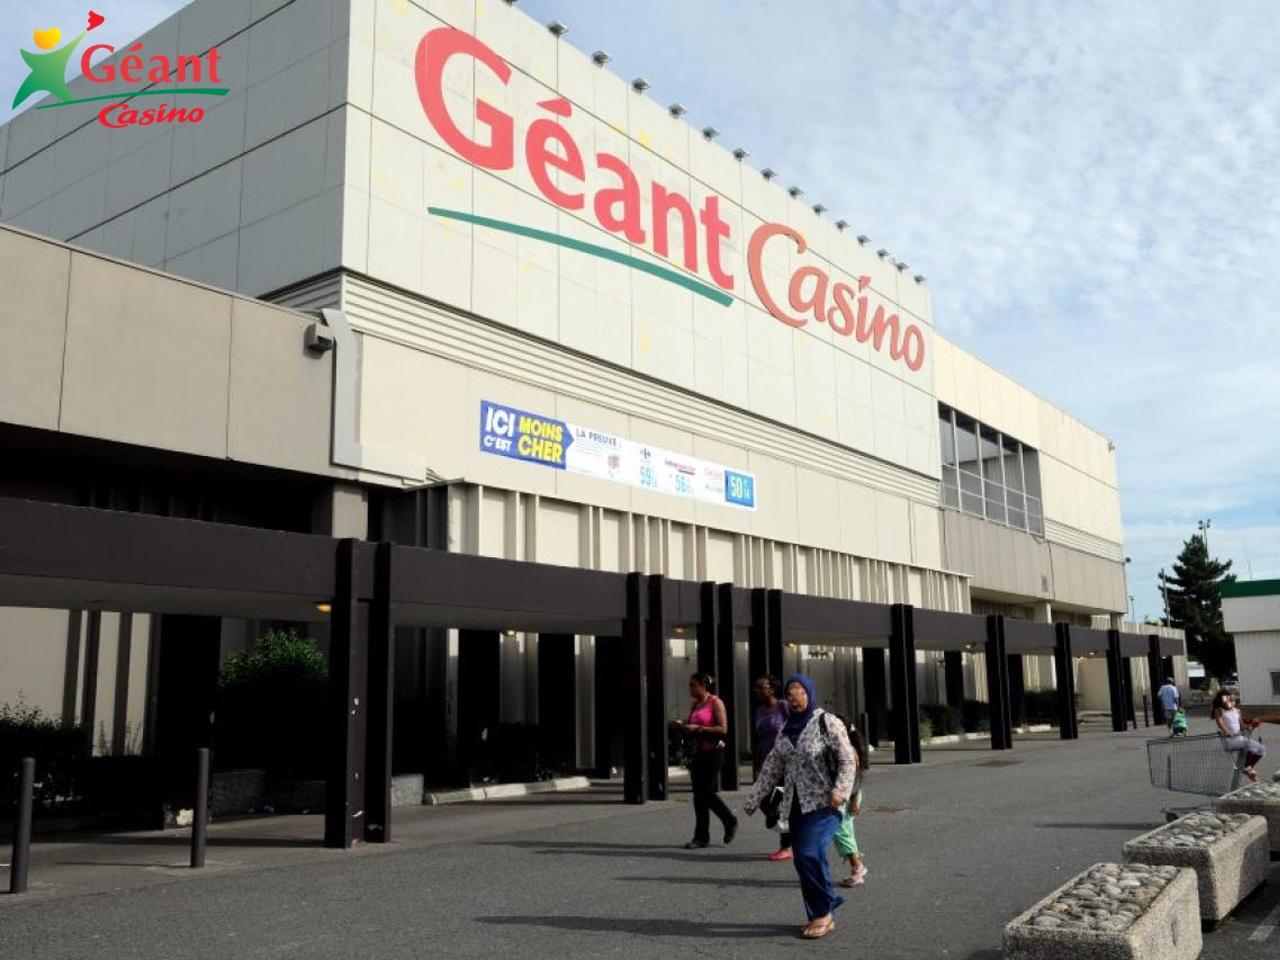 Faire Savoir Faire > Les Articles De La Thématique Distribution concernant Salon De Jardin Geant Casino